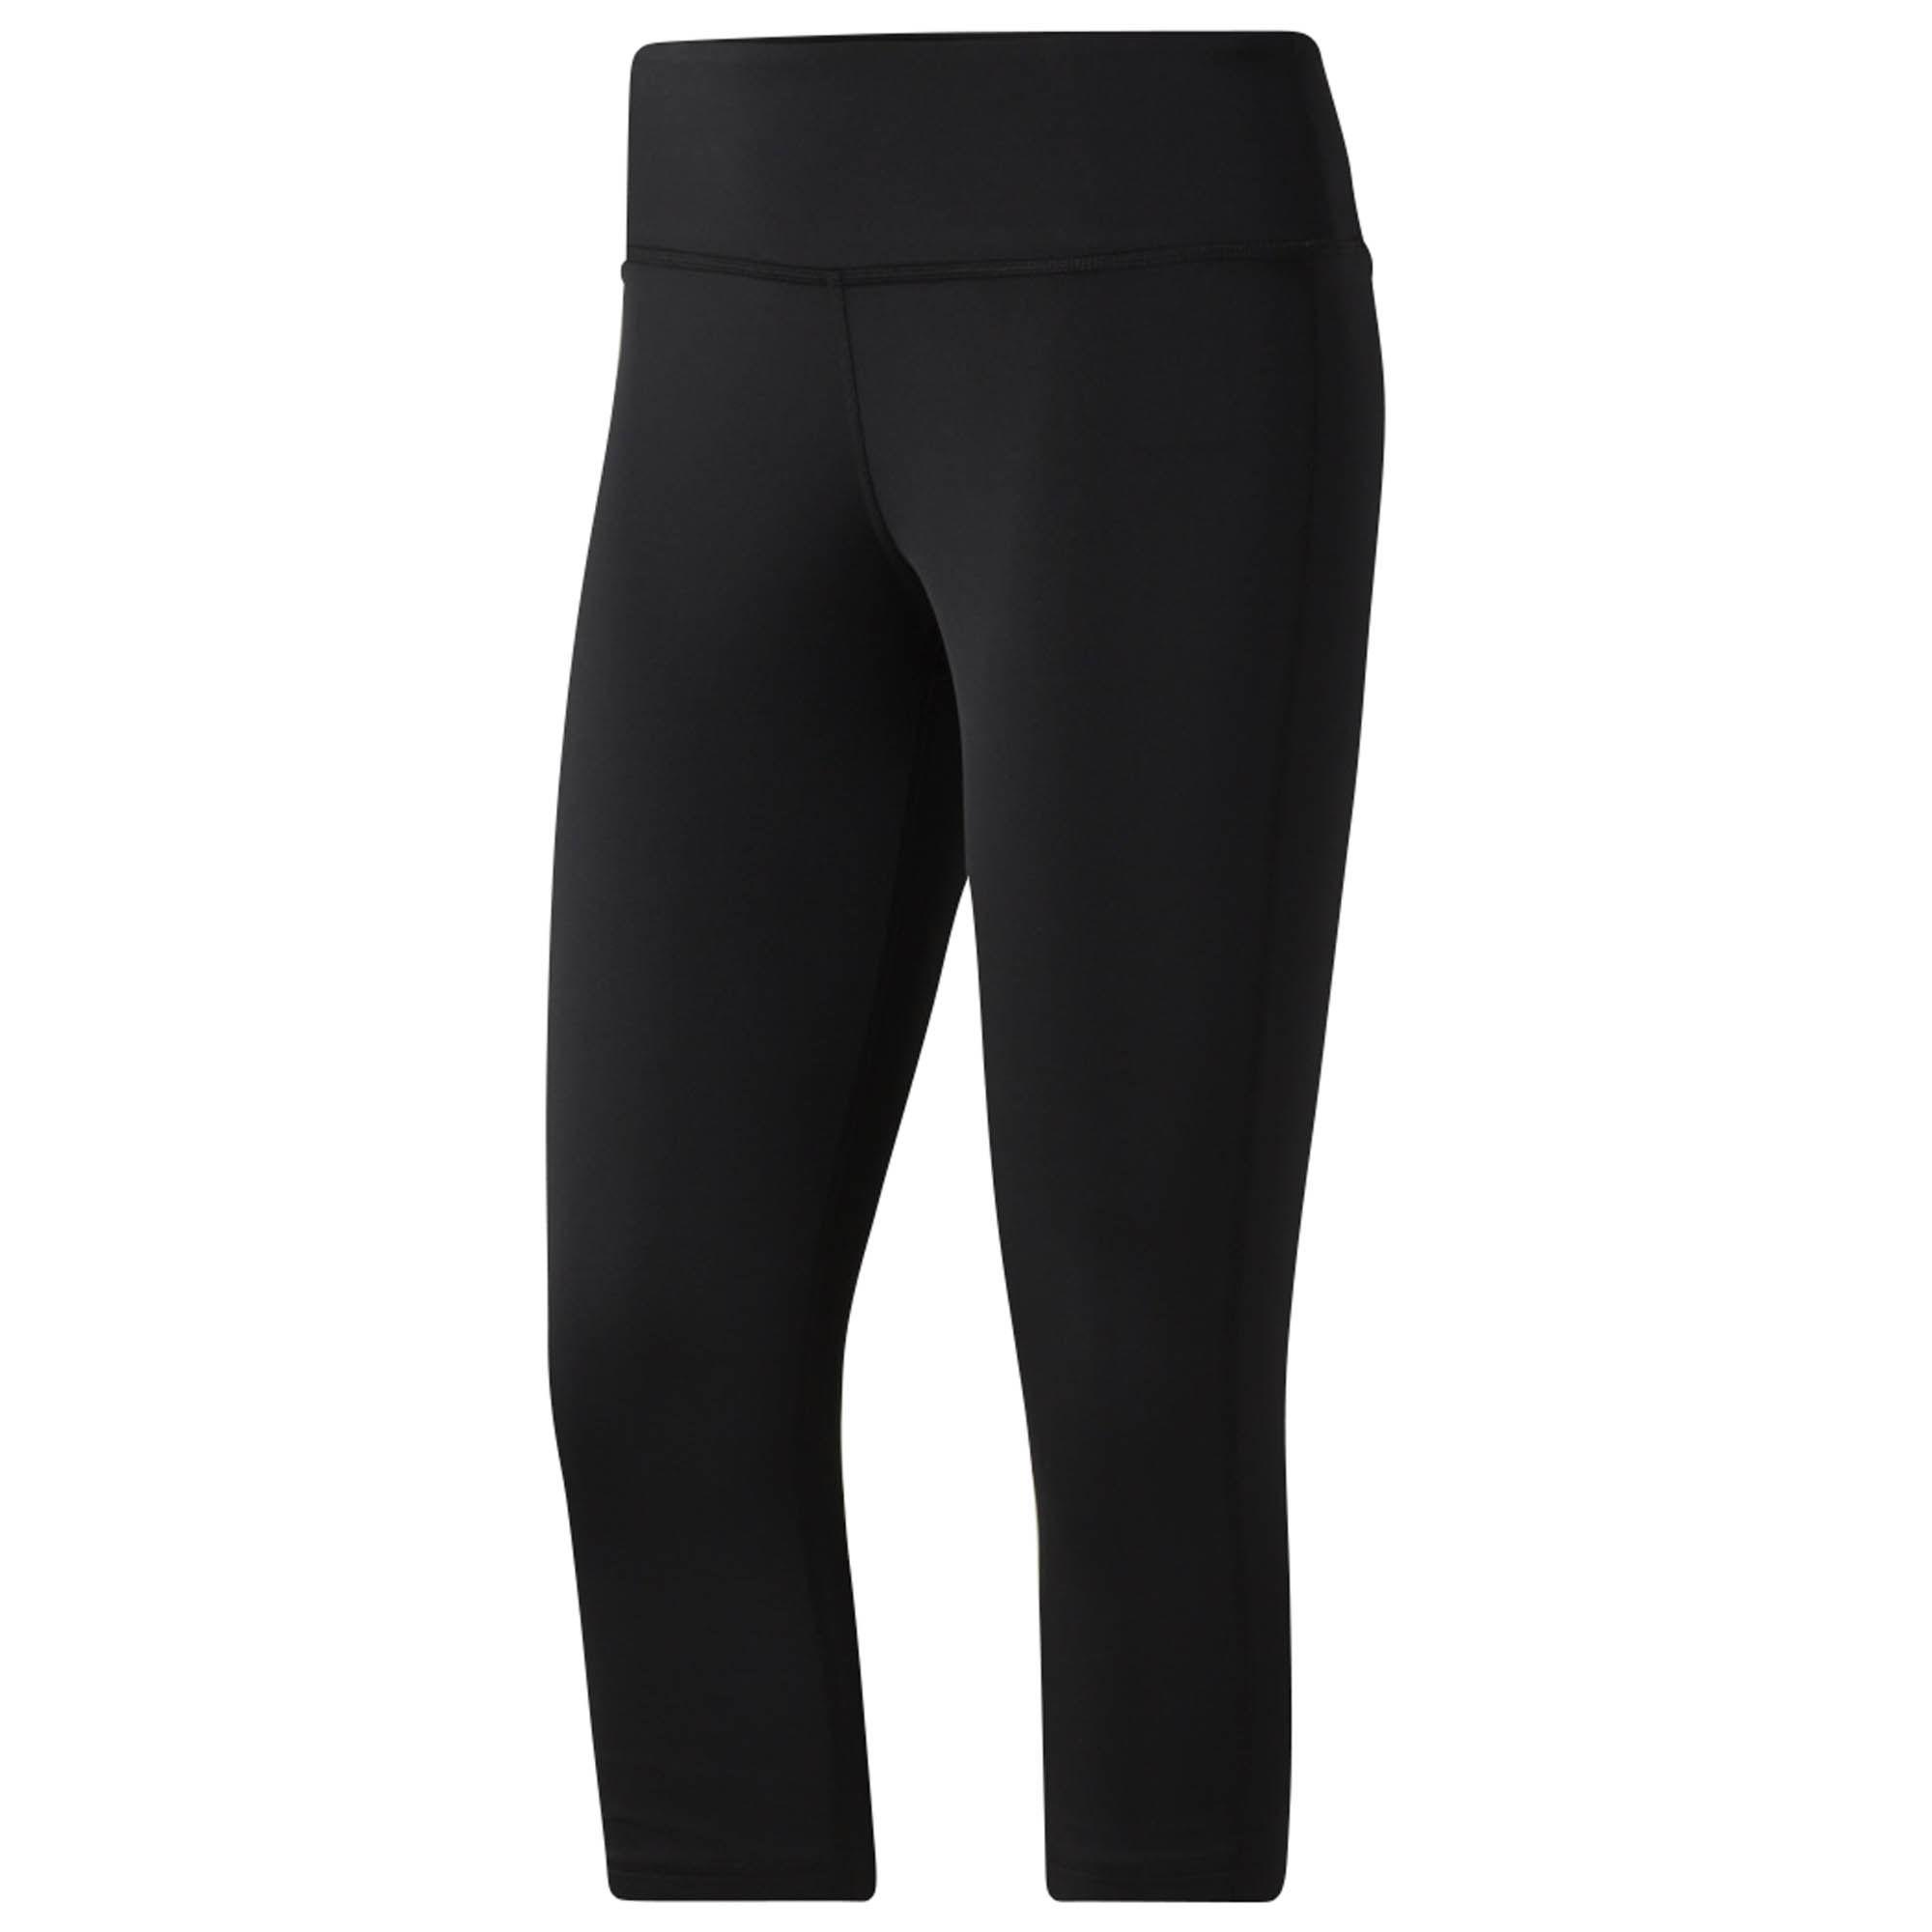 Капри женские Reebok Wor Pp Capri, цвет: черный. CE1221. Размер XS (40)CE1221